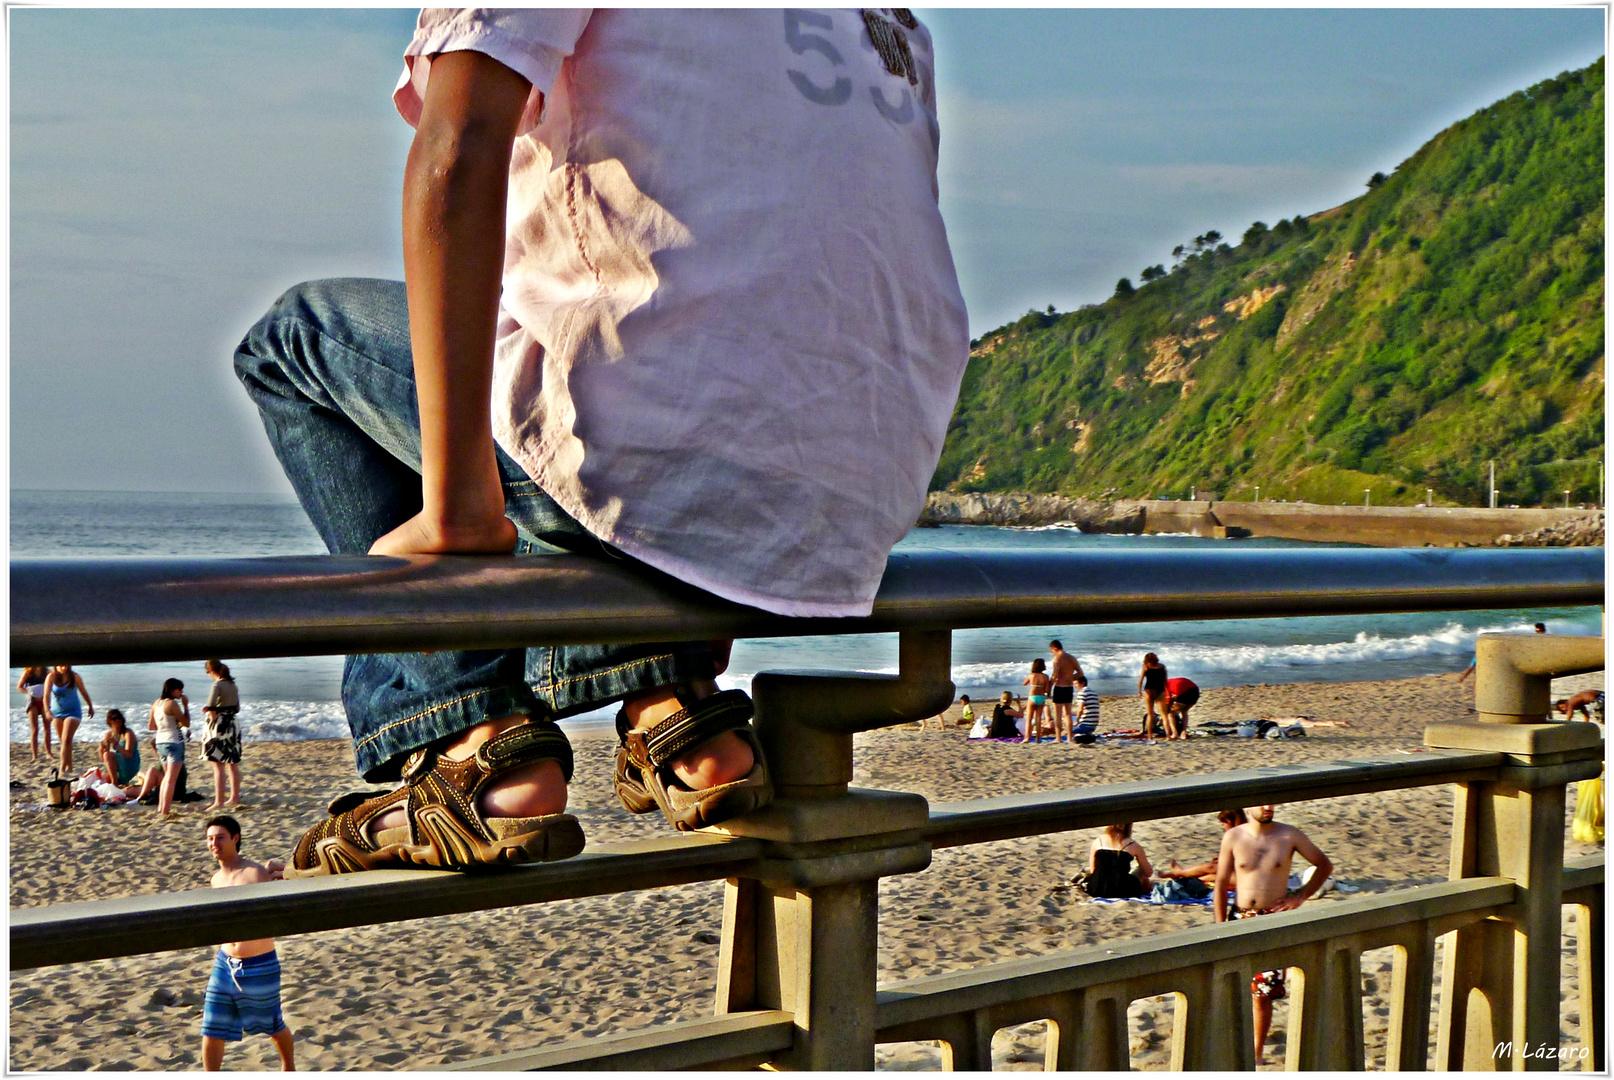 Mirando las olas